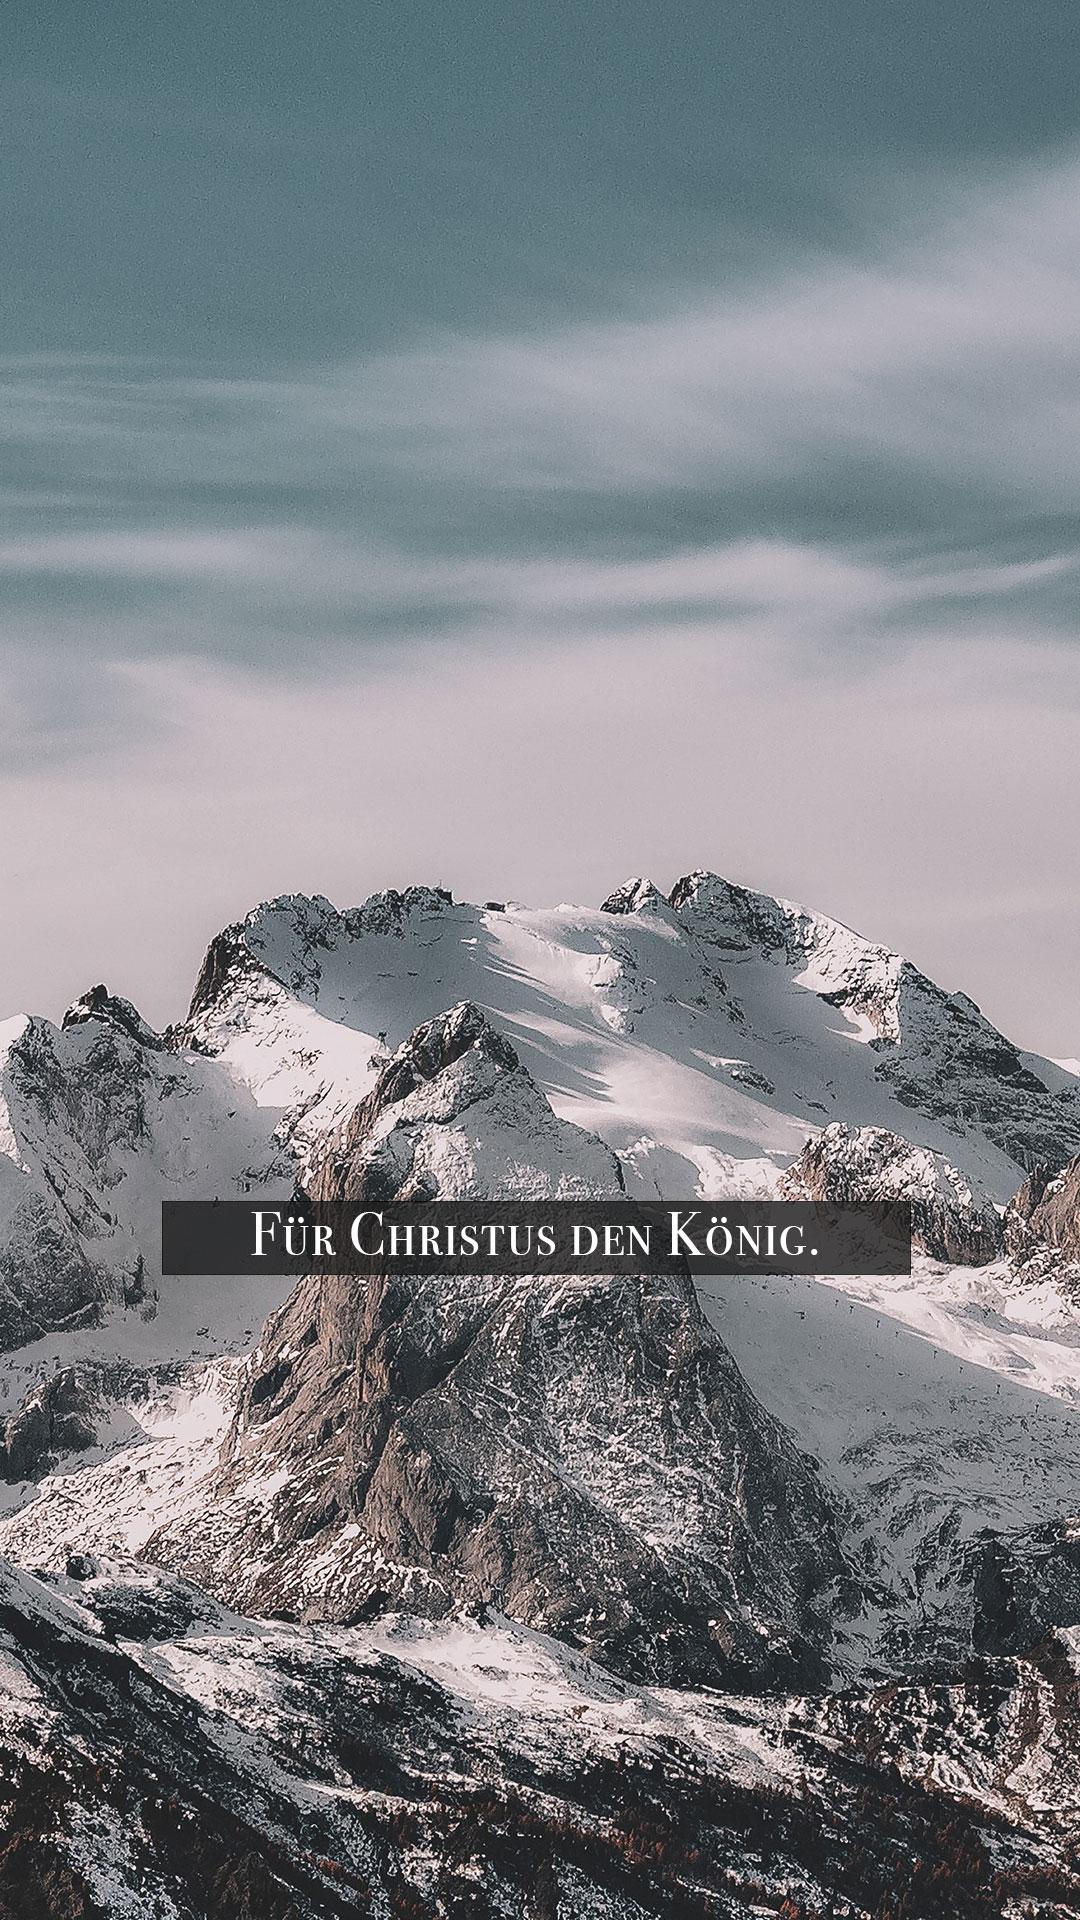 KJB Deutschland Medien: Für Christus den König.